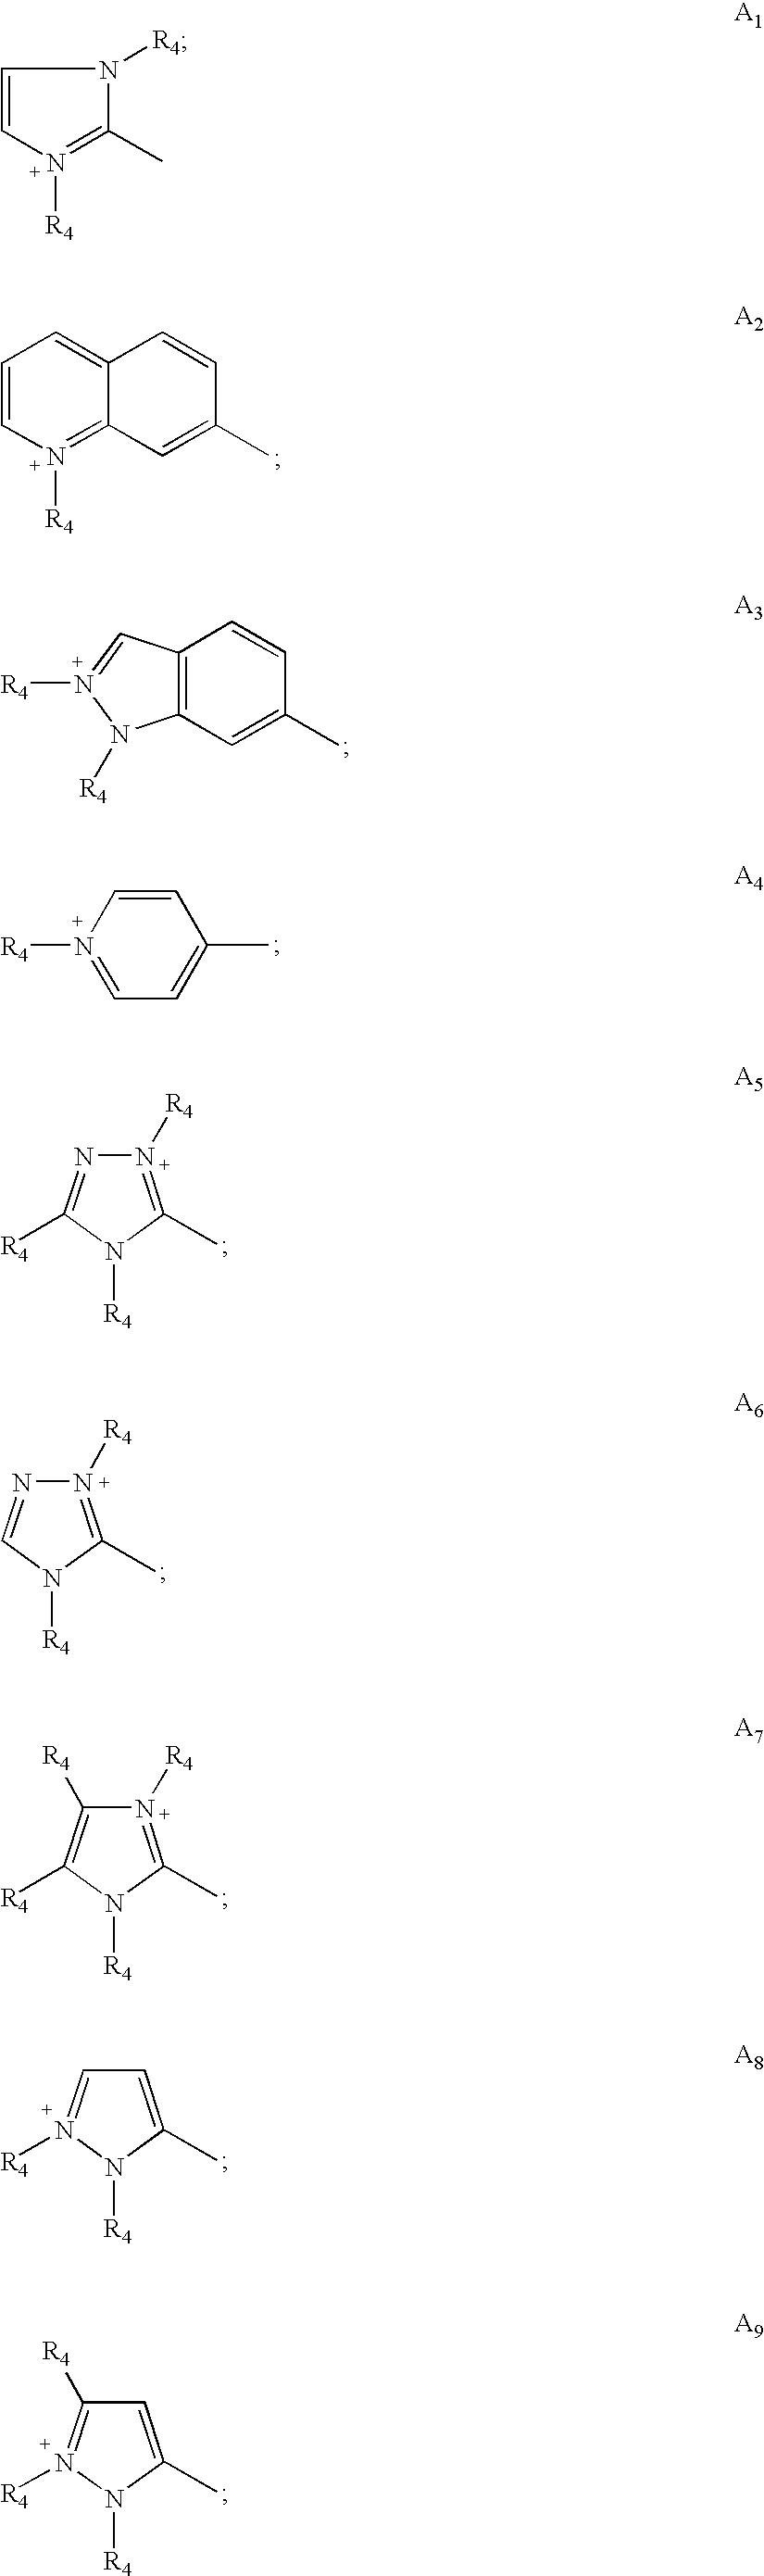 Figure US07947089-20110524-C00003